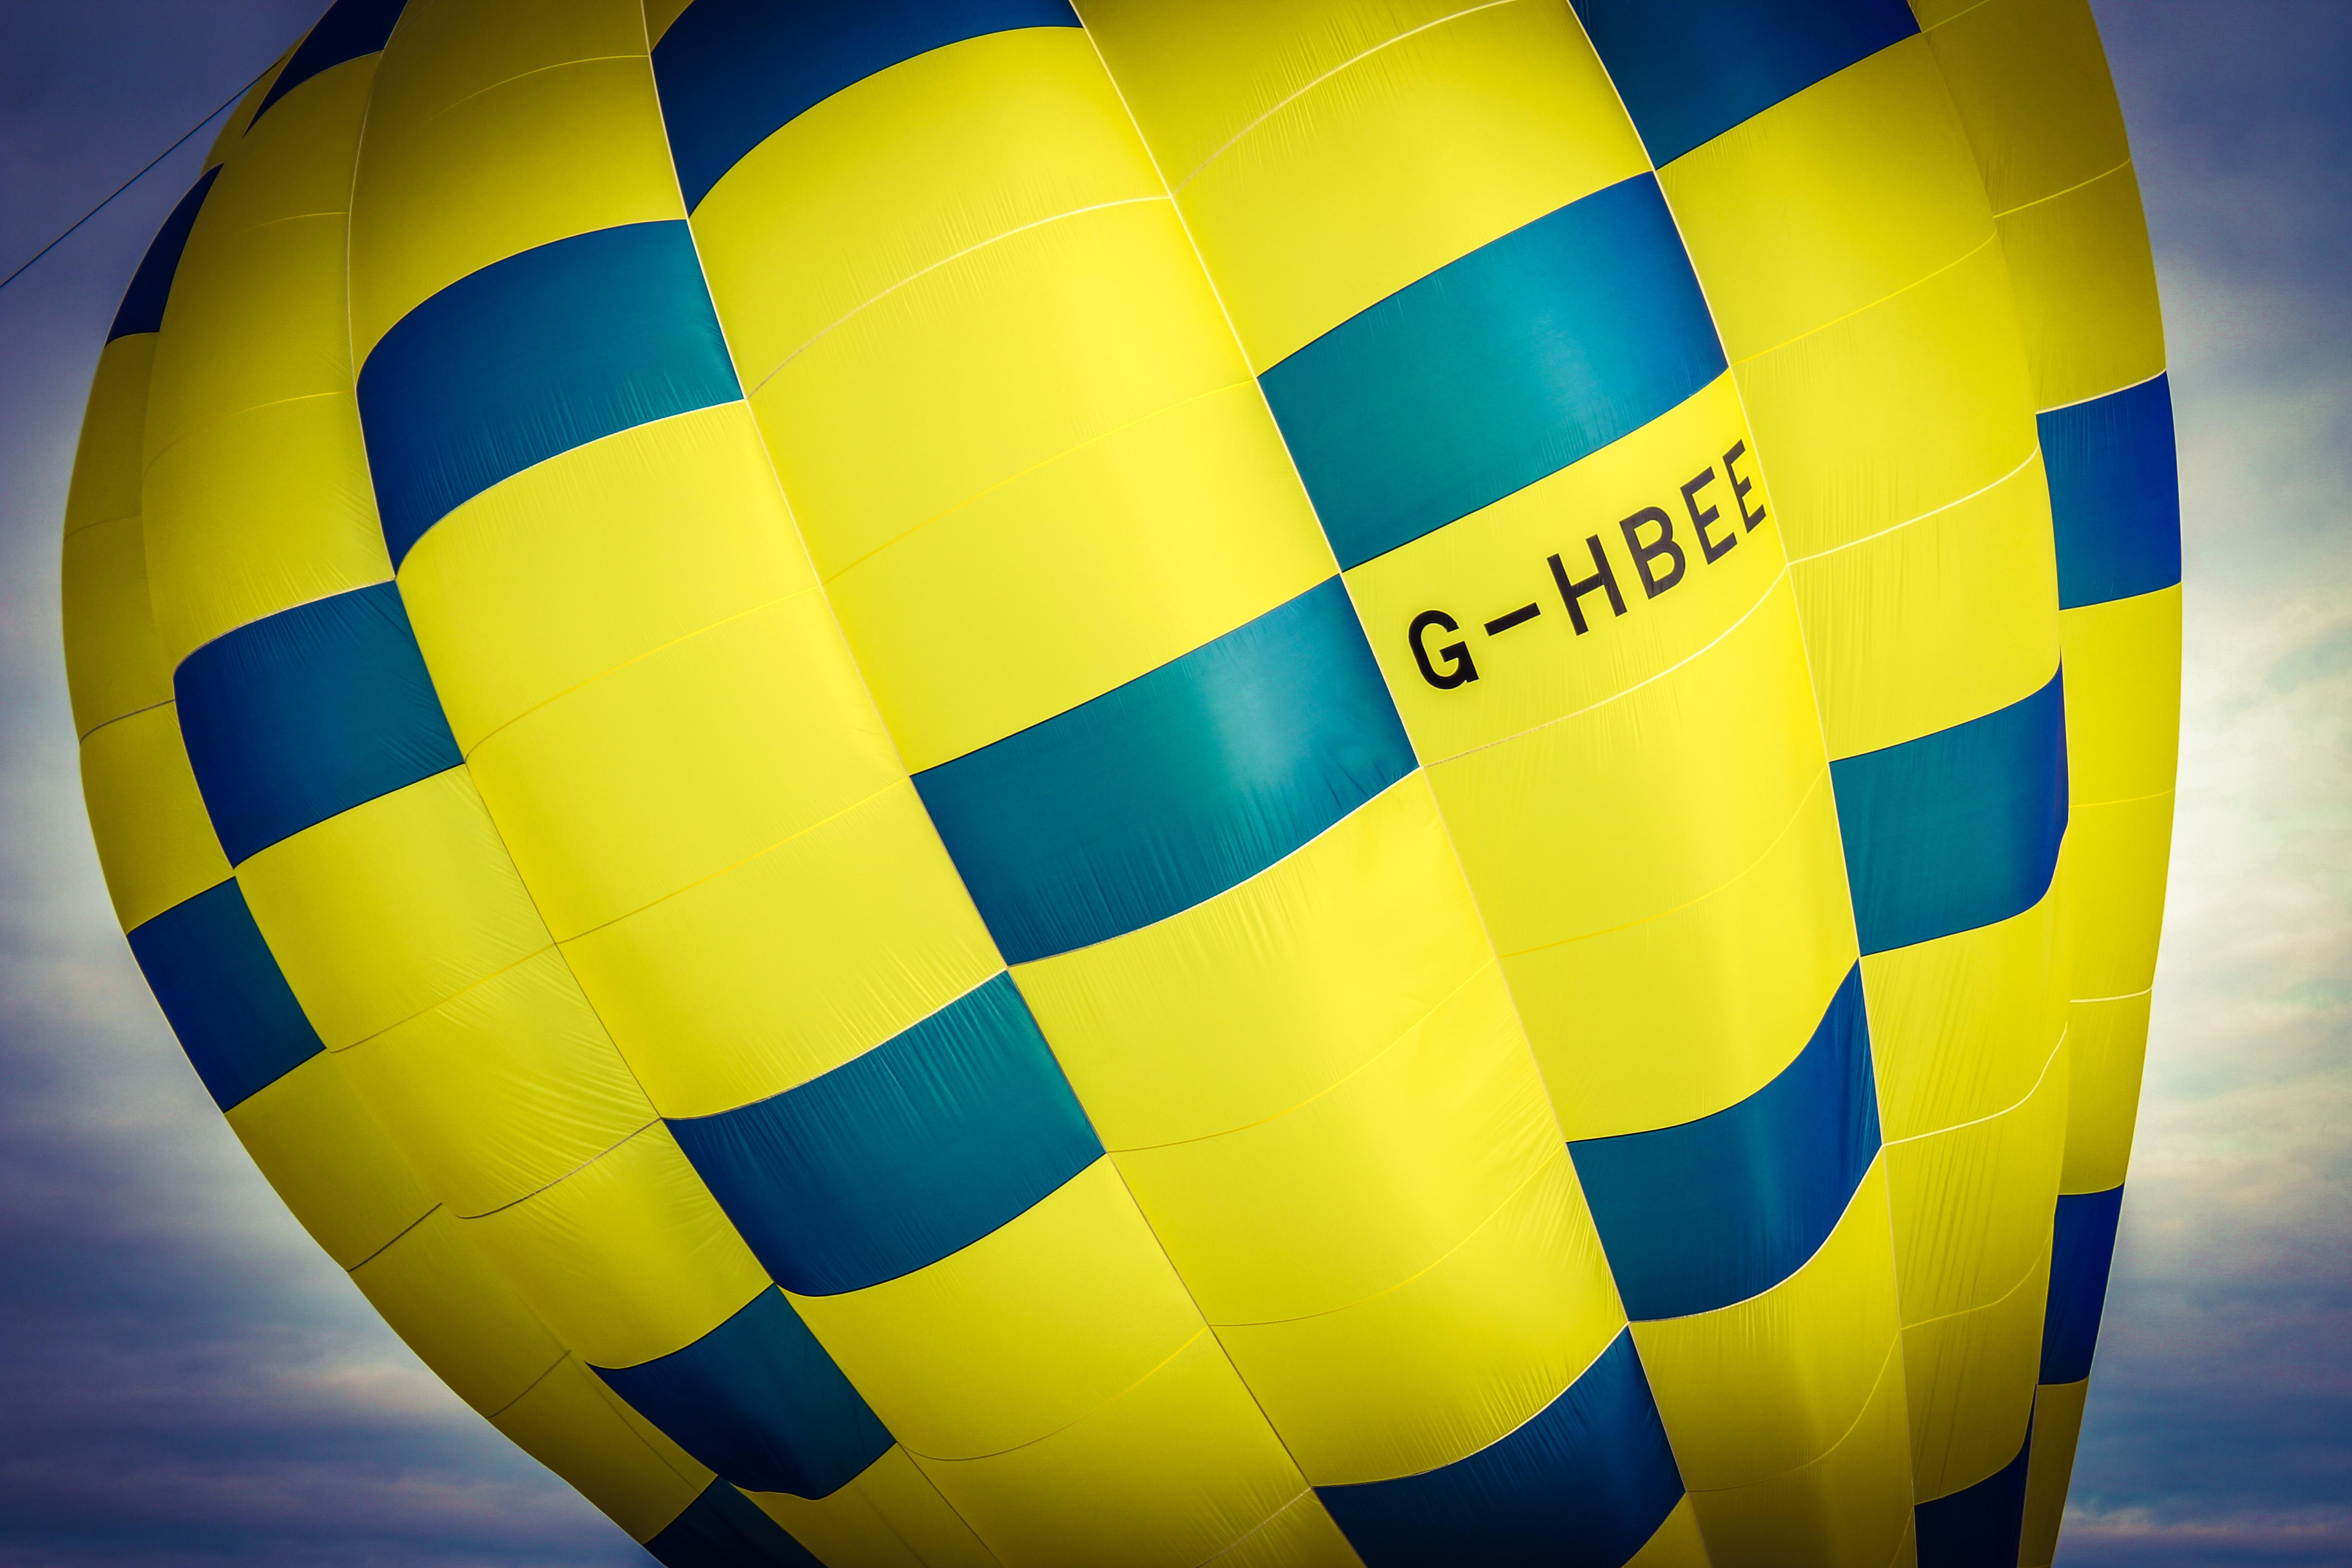 GeeBee Balloon